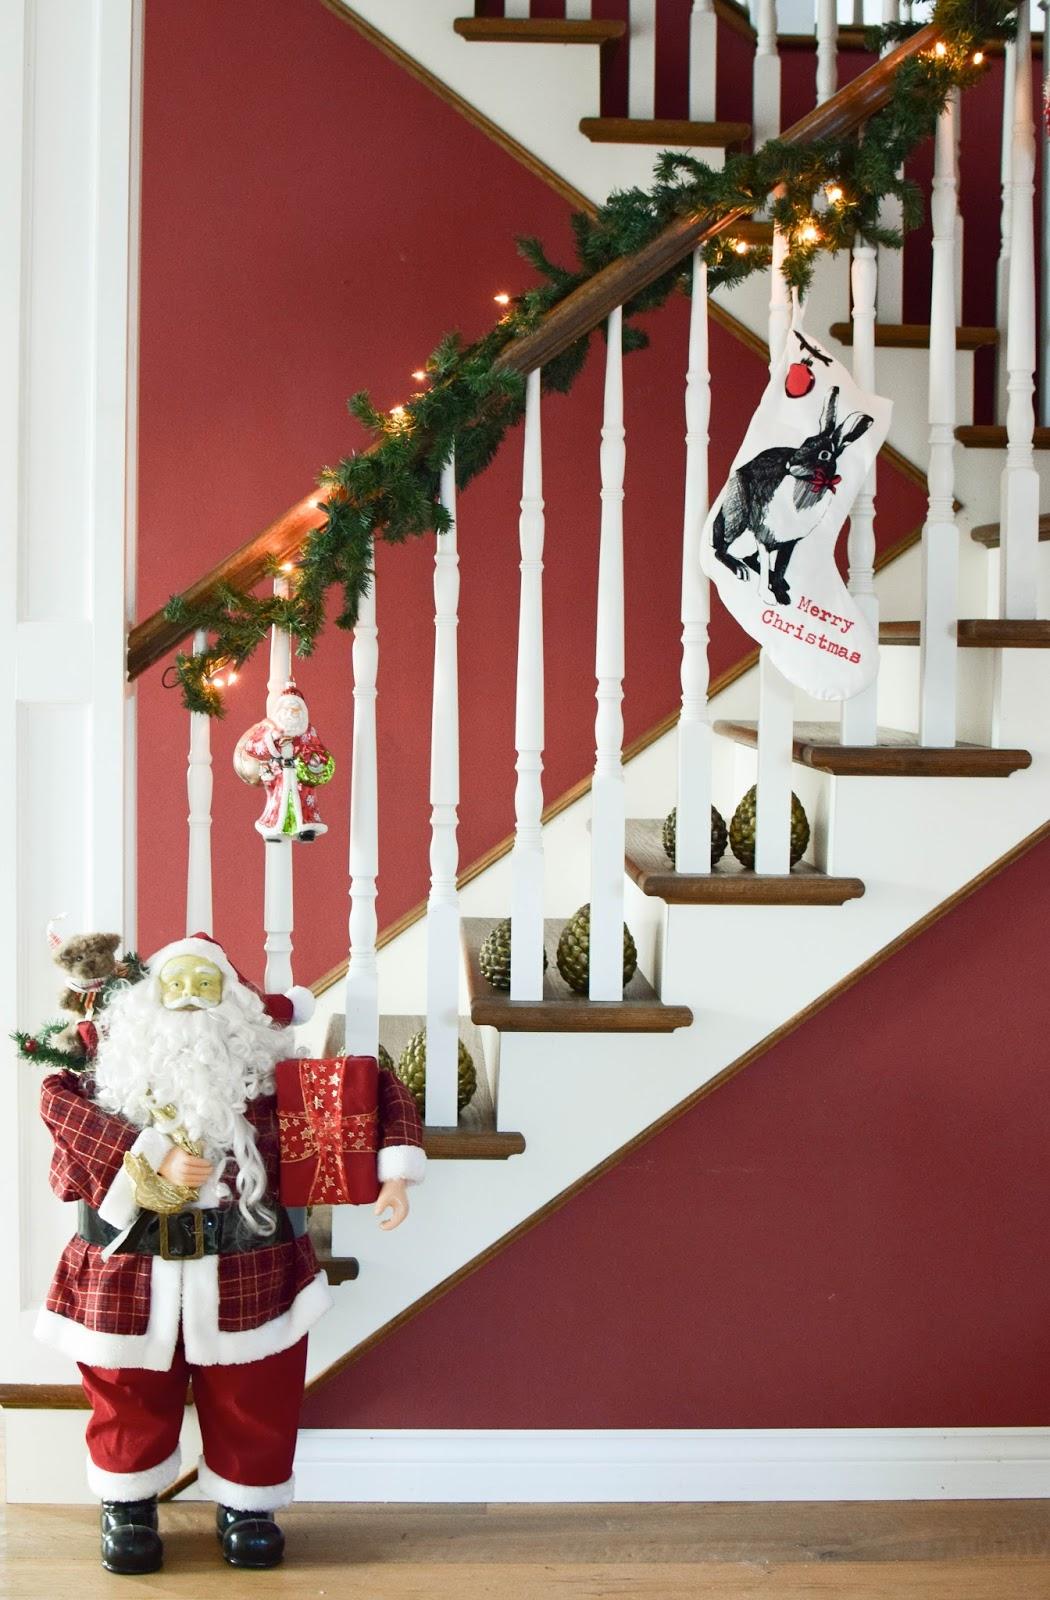 Weihnachtsdeko mit Santa Claus Weihnachtsmann Klassiker Deko Dekoration Dekoidee Weihnachten Treppenhaus christmas hallway